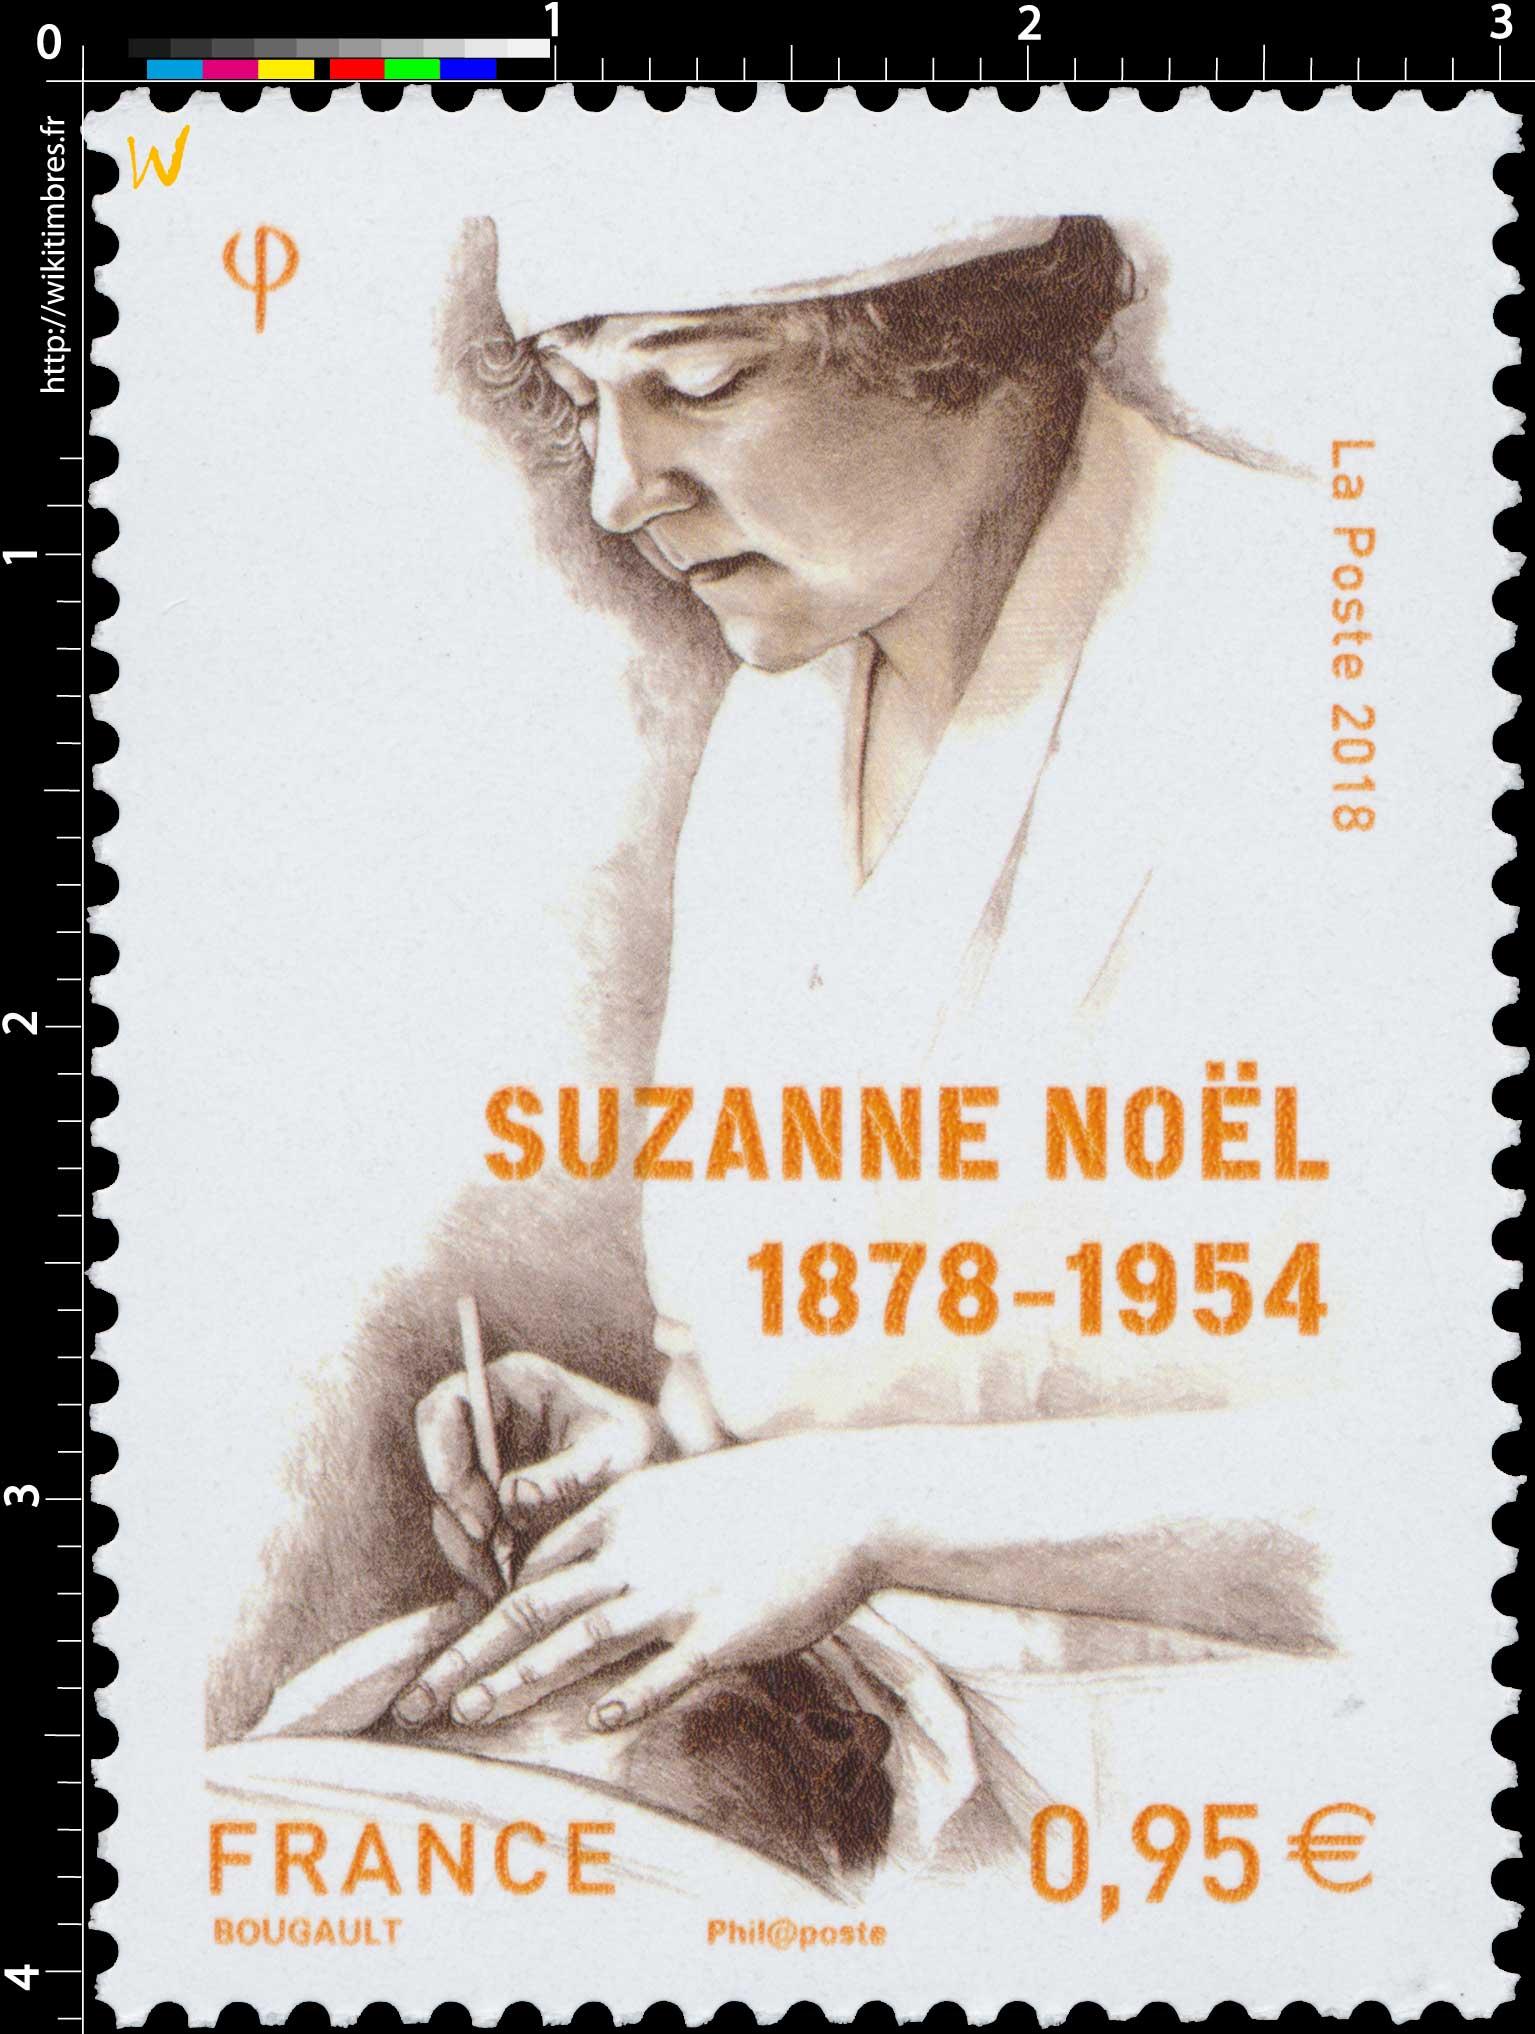 2018 Suzanne Noël 1878 - 1954